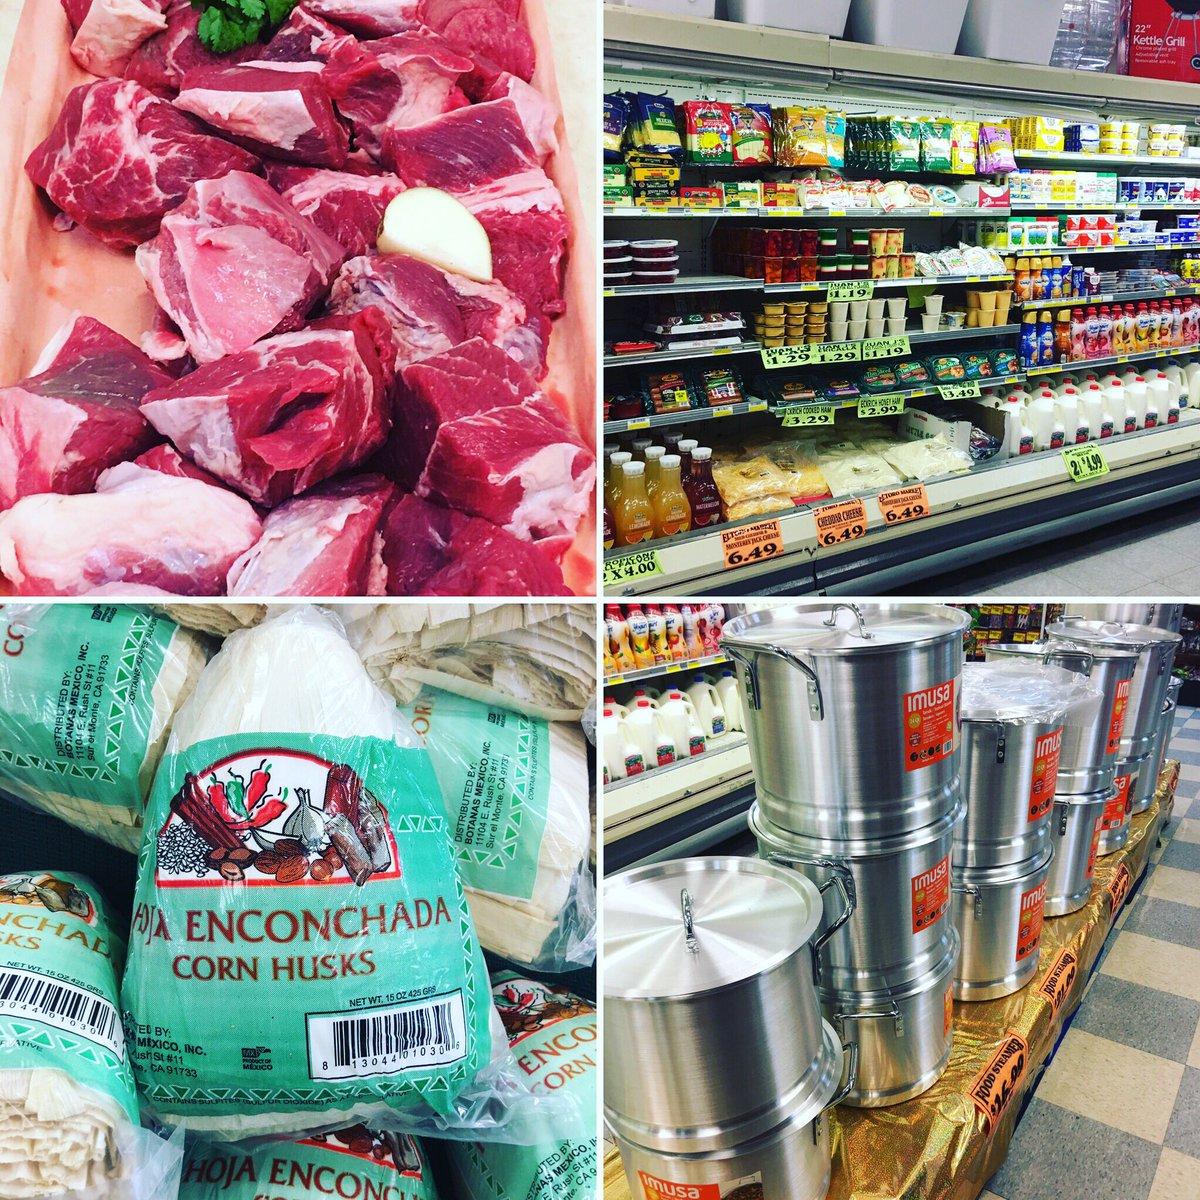 El Toro Markets image